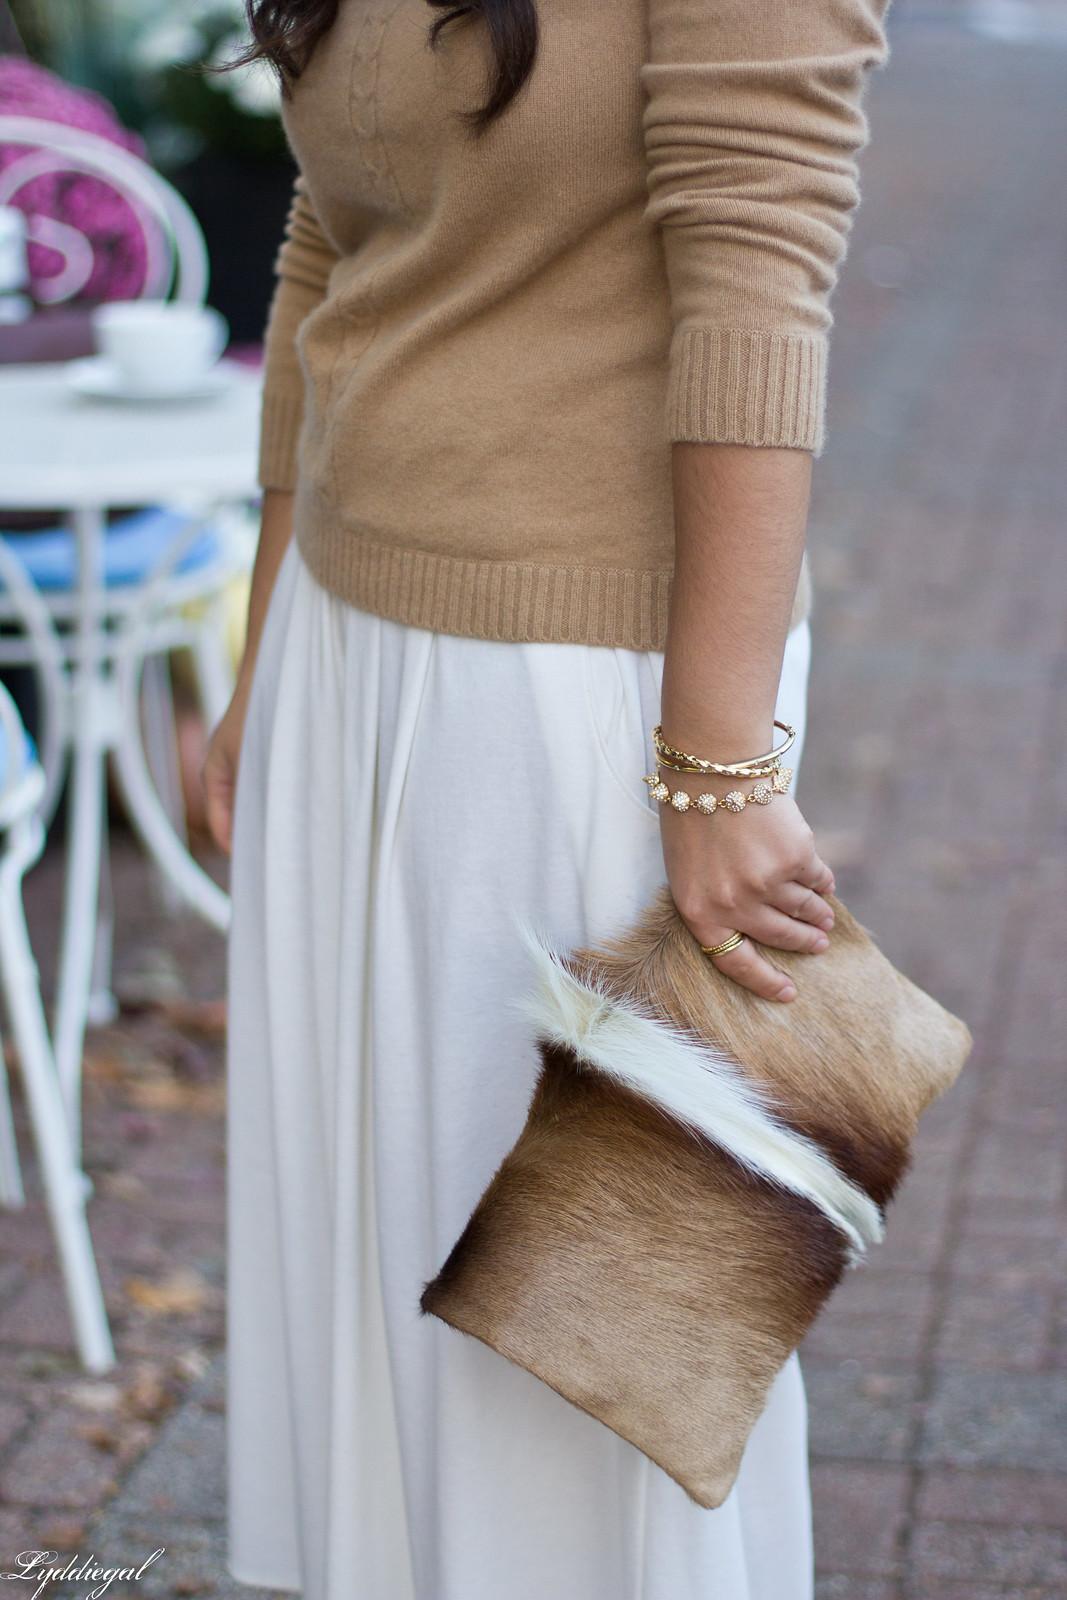 white Culottes, camel sweater, toe cap heels, springbok clutch-4.jpg